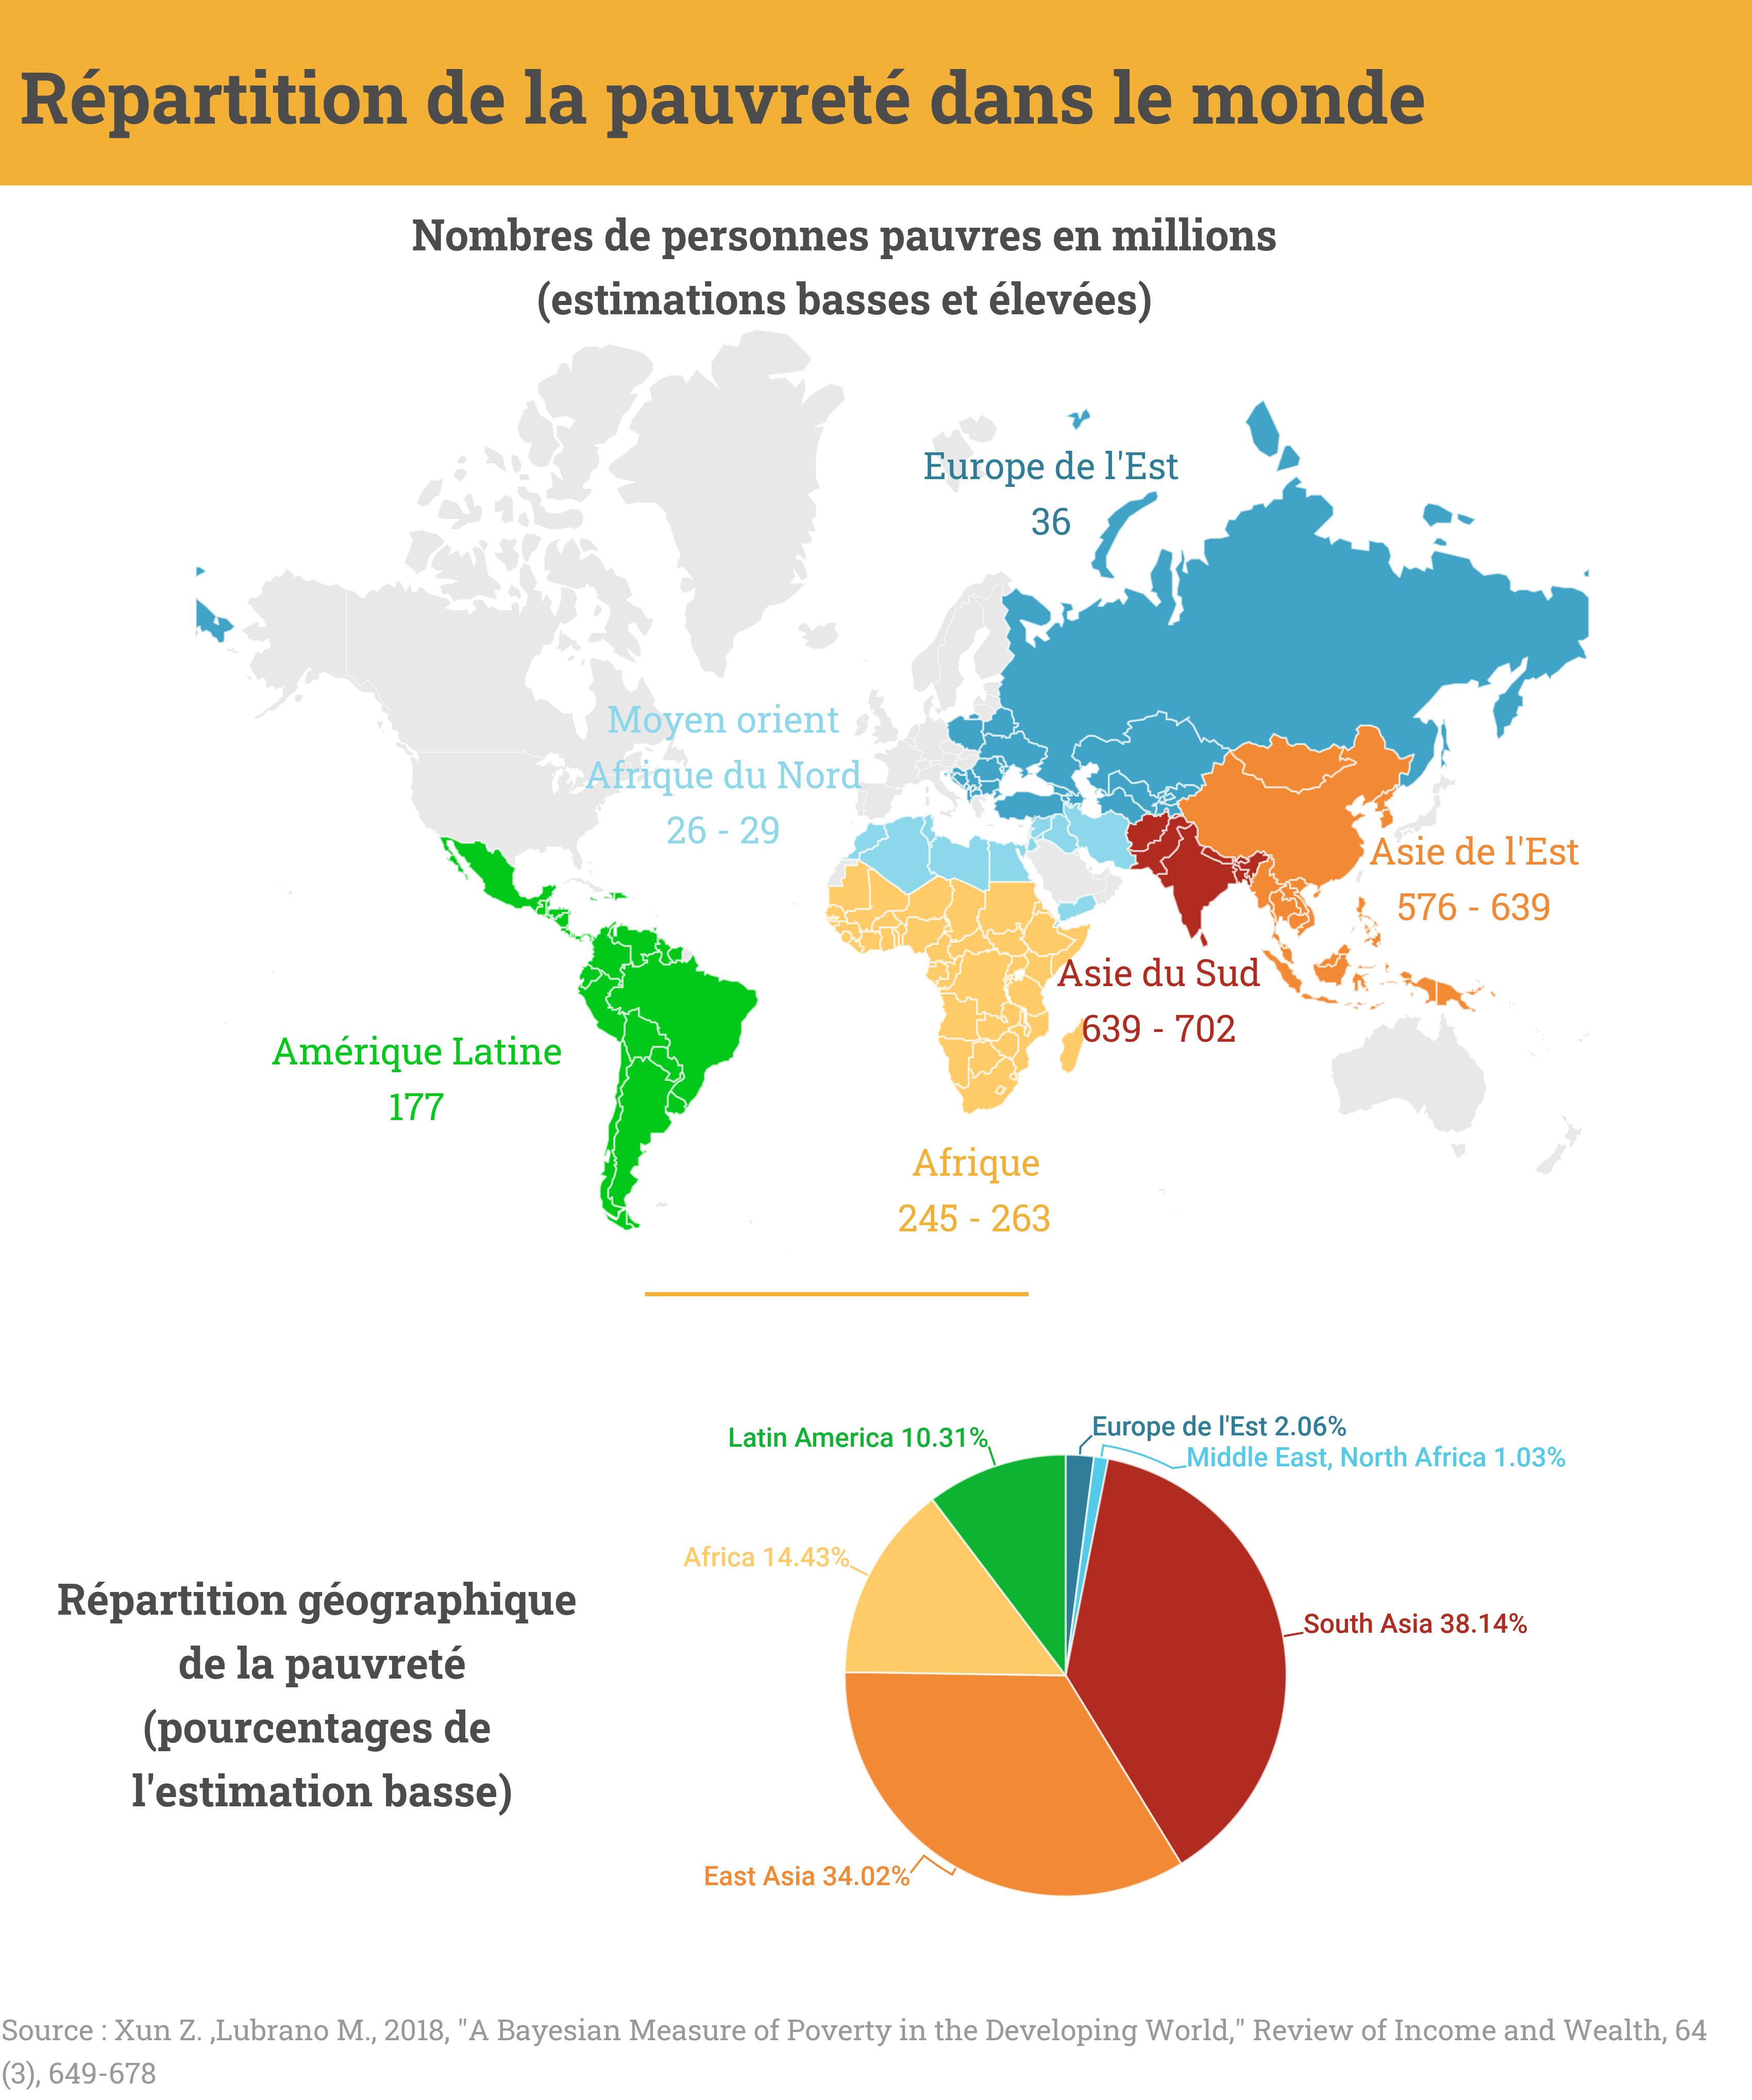 """Carte présentant la répartition des personnes en situation de pauvreté dans le monde. D'après les estimations les plus basses, 38% des """"pauvres"""" habiteraient en Asie du Sud, 34% en Asie de l'Est et 14% en Afrique."""